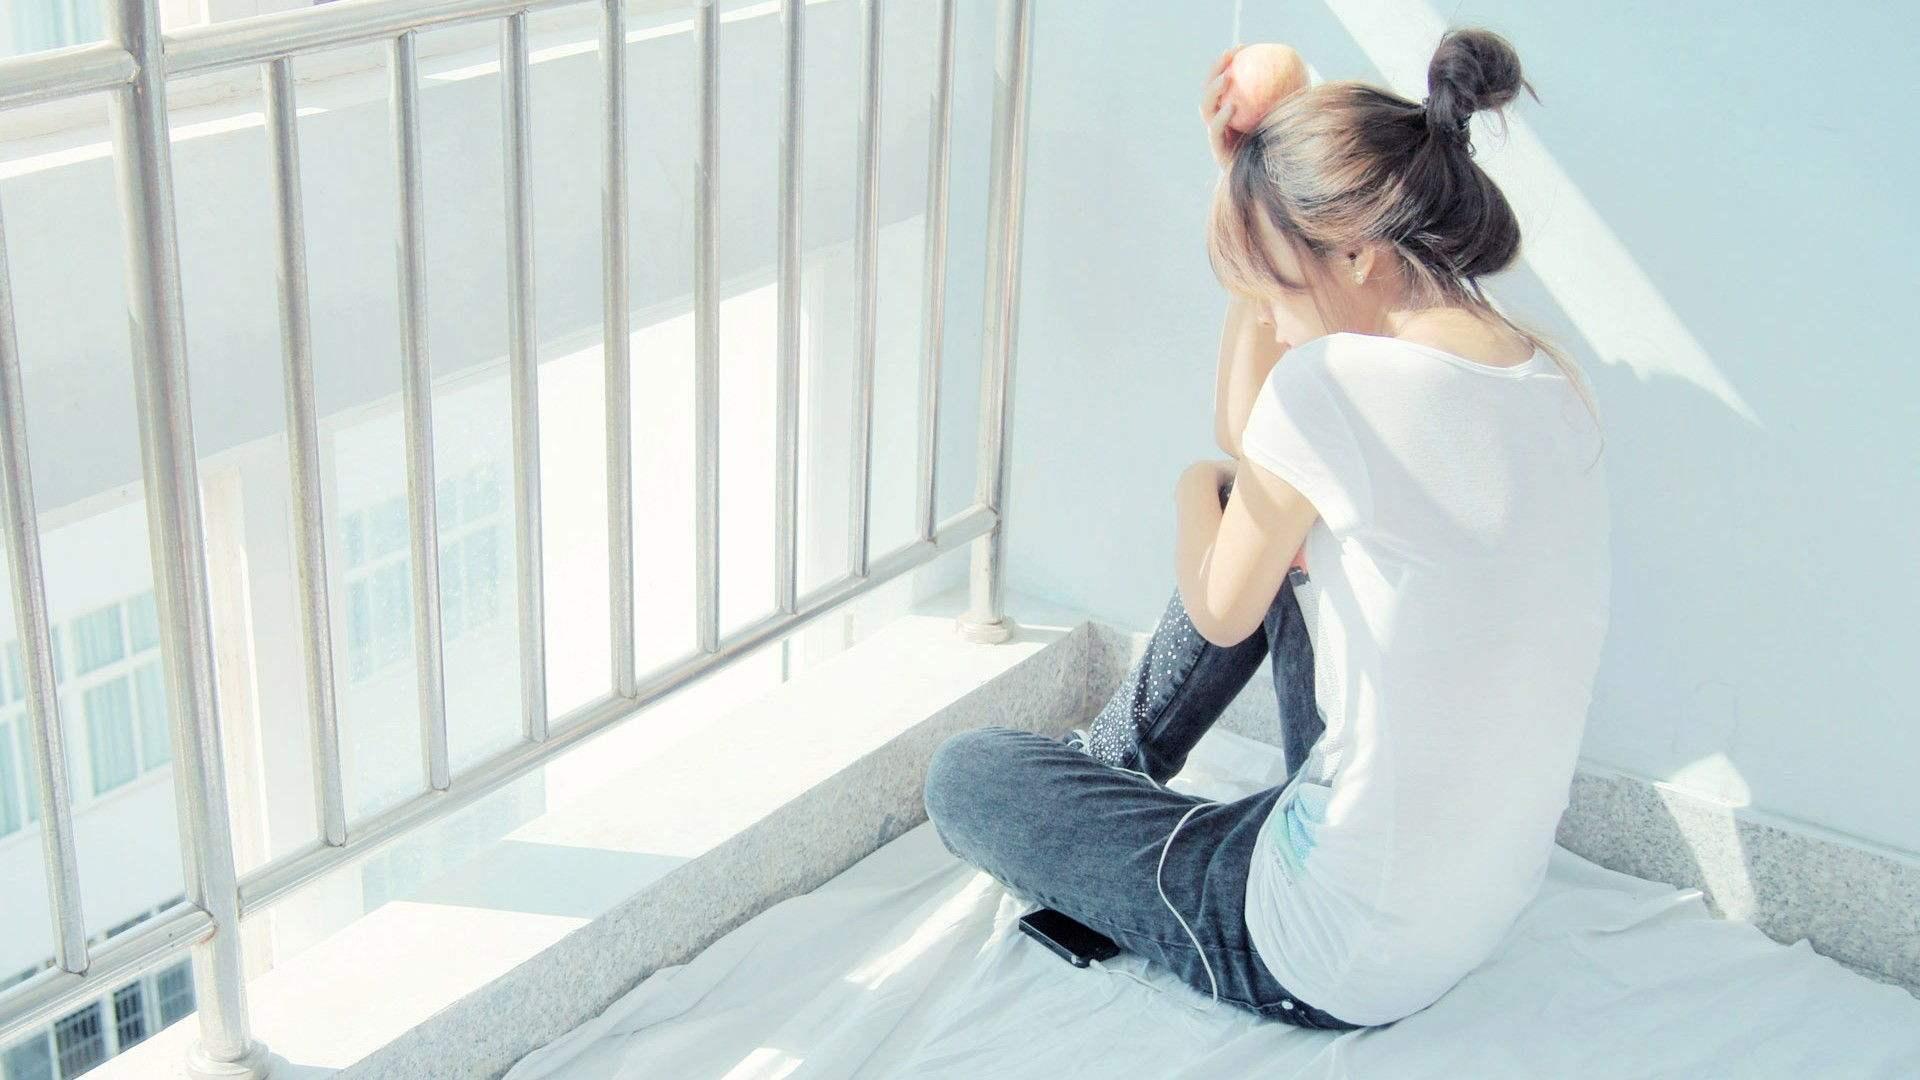 朋友圈傷感心情說說:心里有太在乎的人才會累,不放痛放更痛。